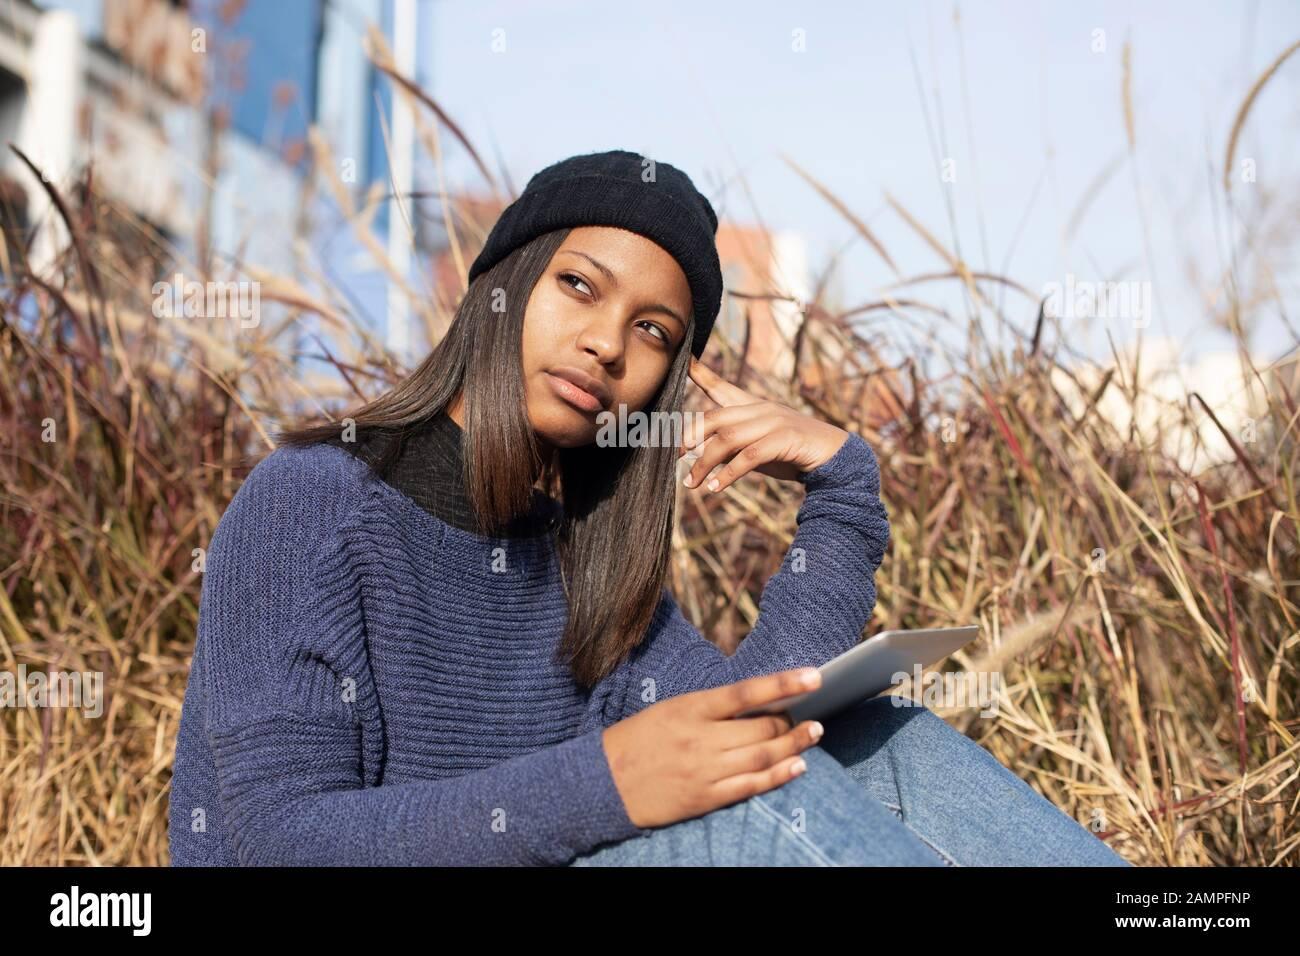 Porträt der jungen afroamerikanischen Frau, die eine Wollkappe trägt, die auf der Straße steht, während sie ein Mobiltelefon verwendet Stockfoto